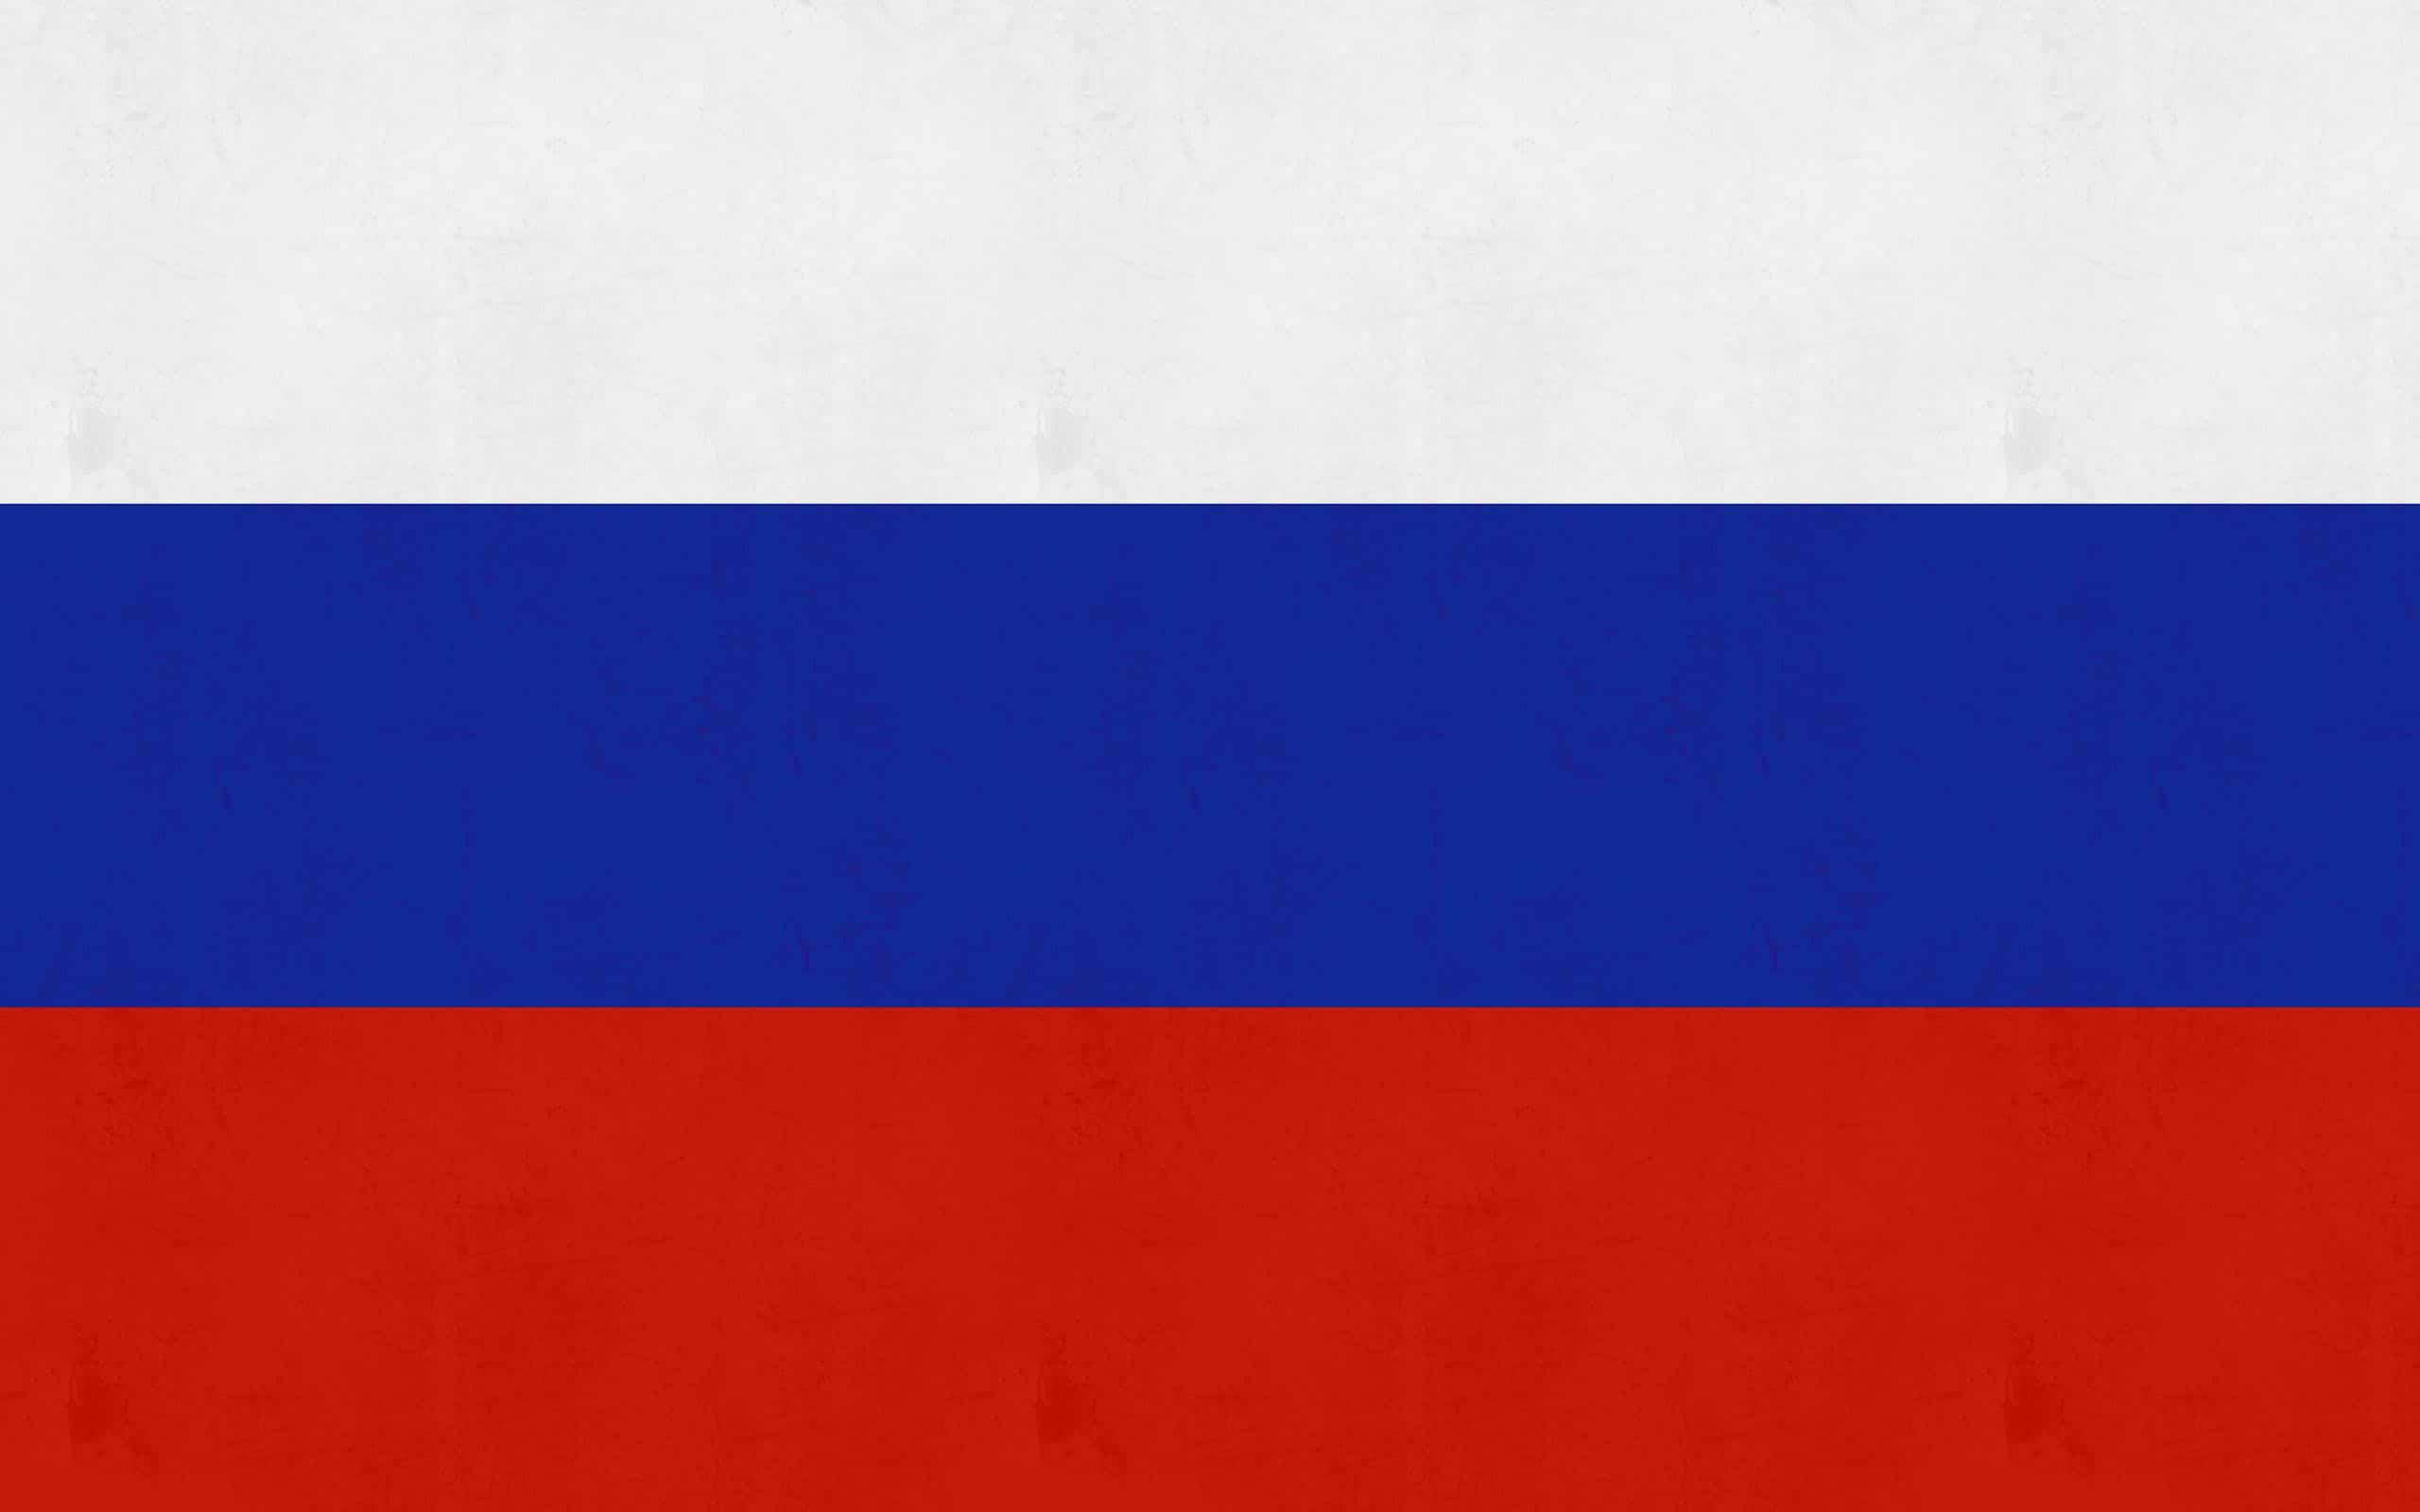 Русия прогнози 10.11.2018